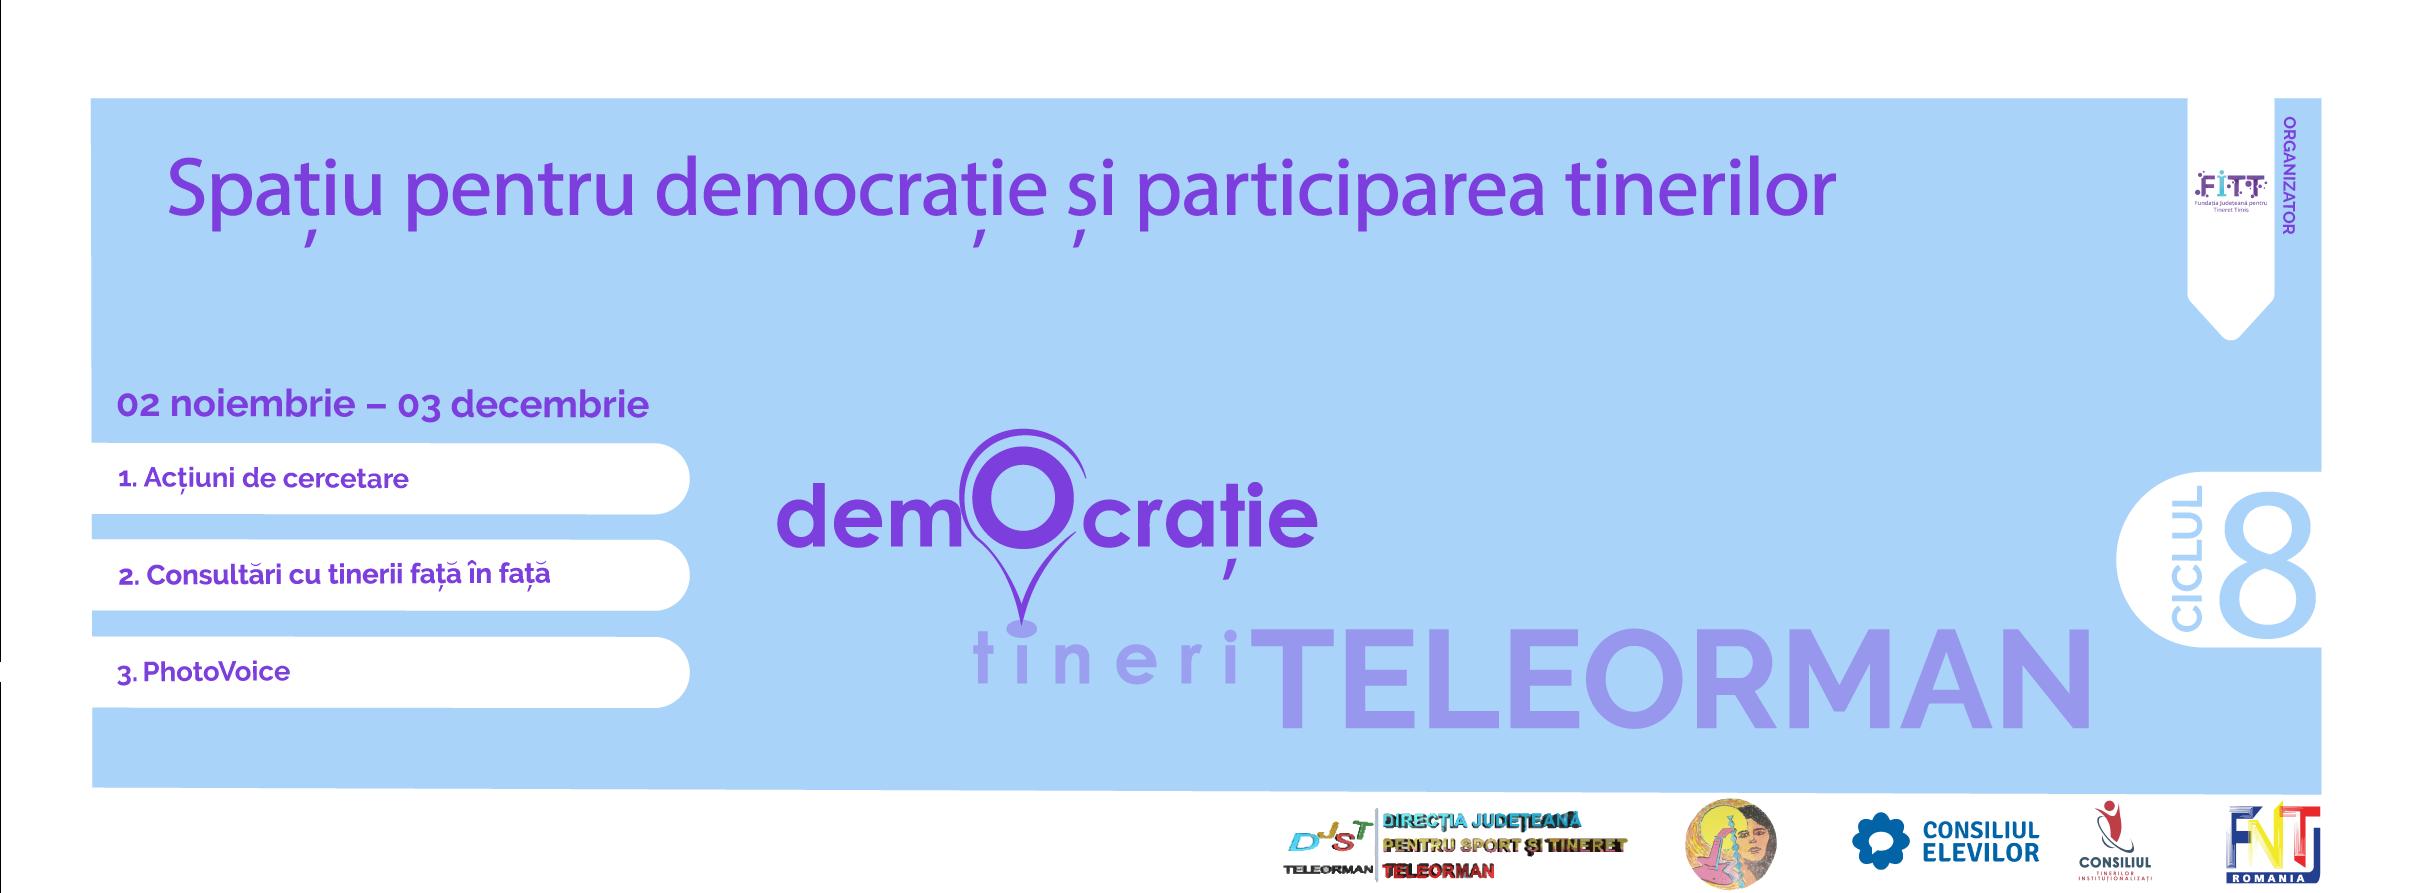 """""""Spațiu pentru democrație și participarea tinerilor"""", proi"""